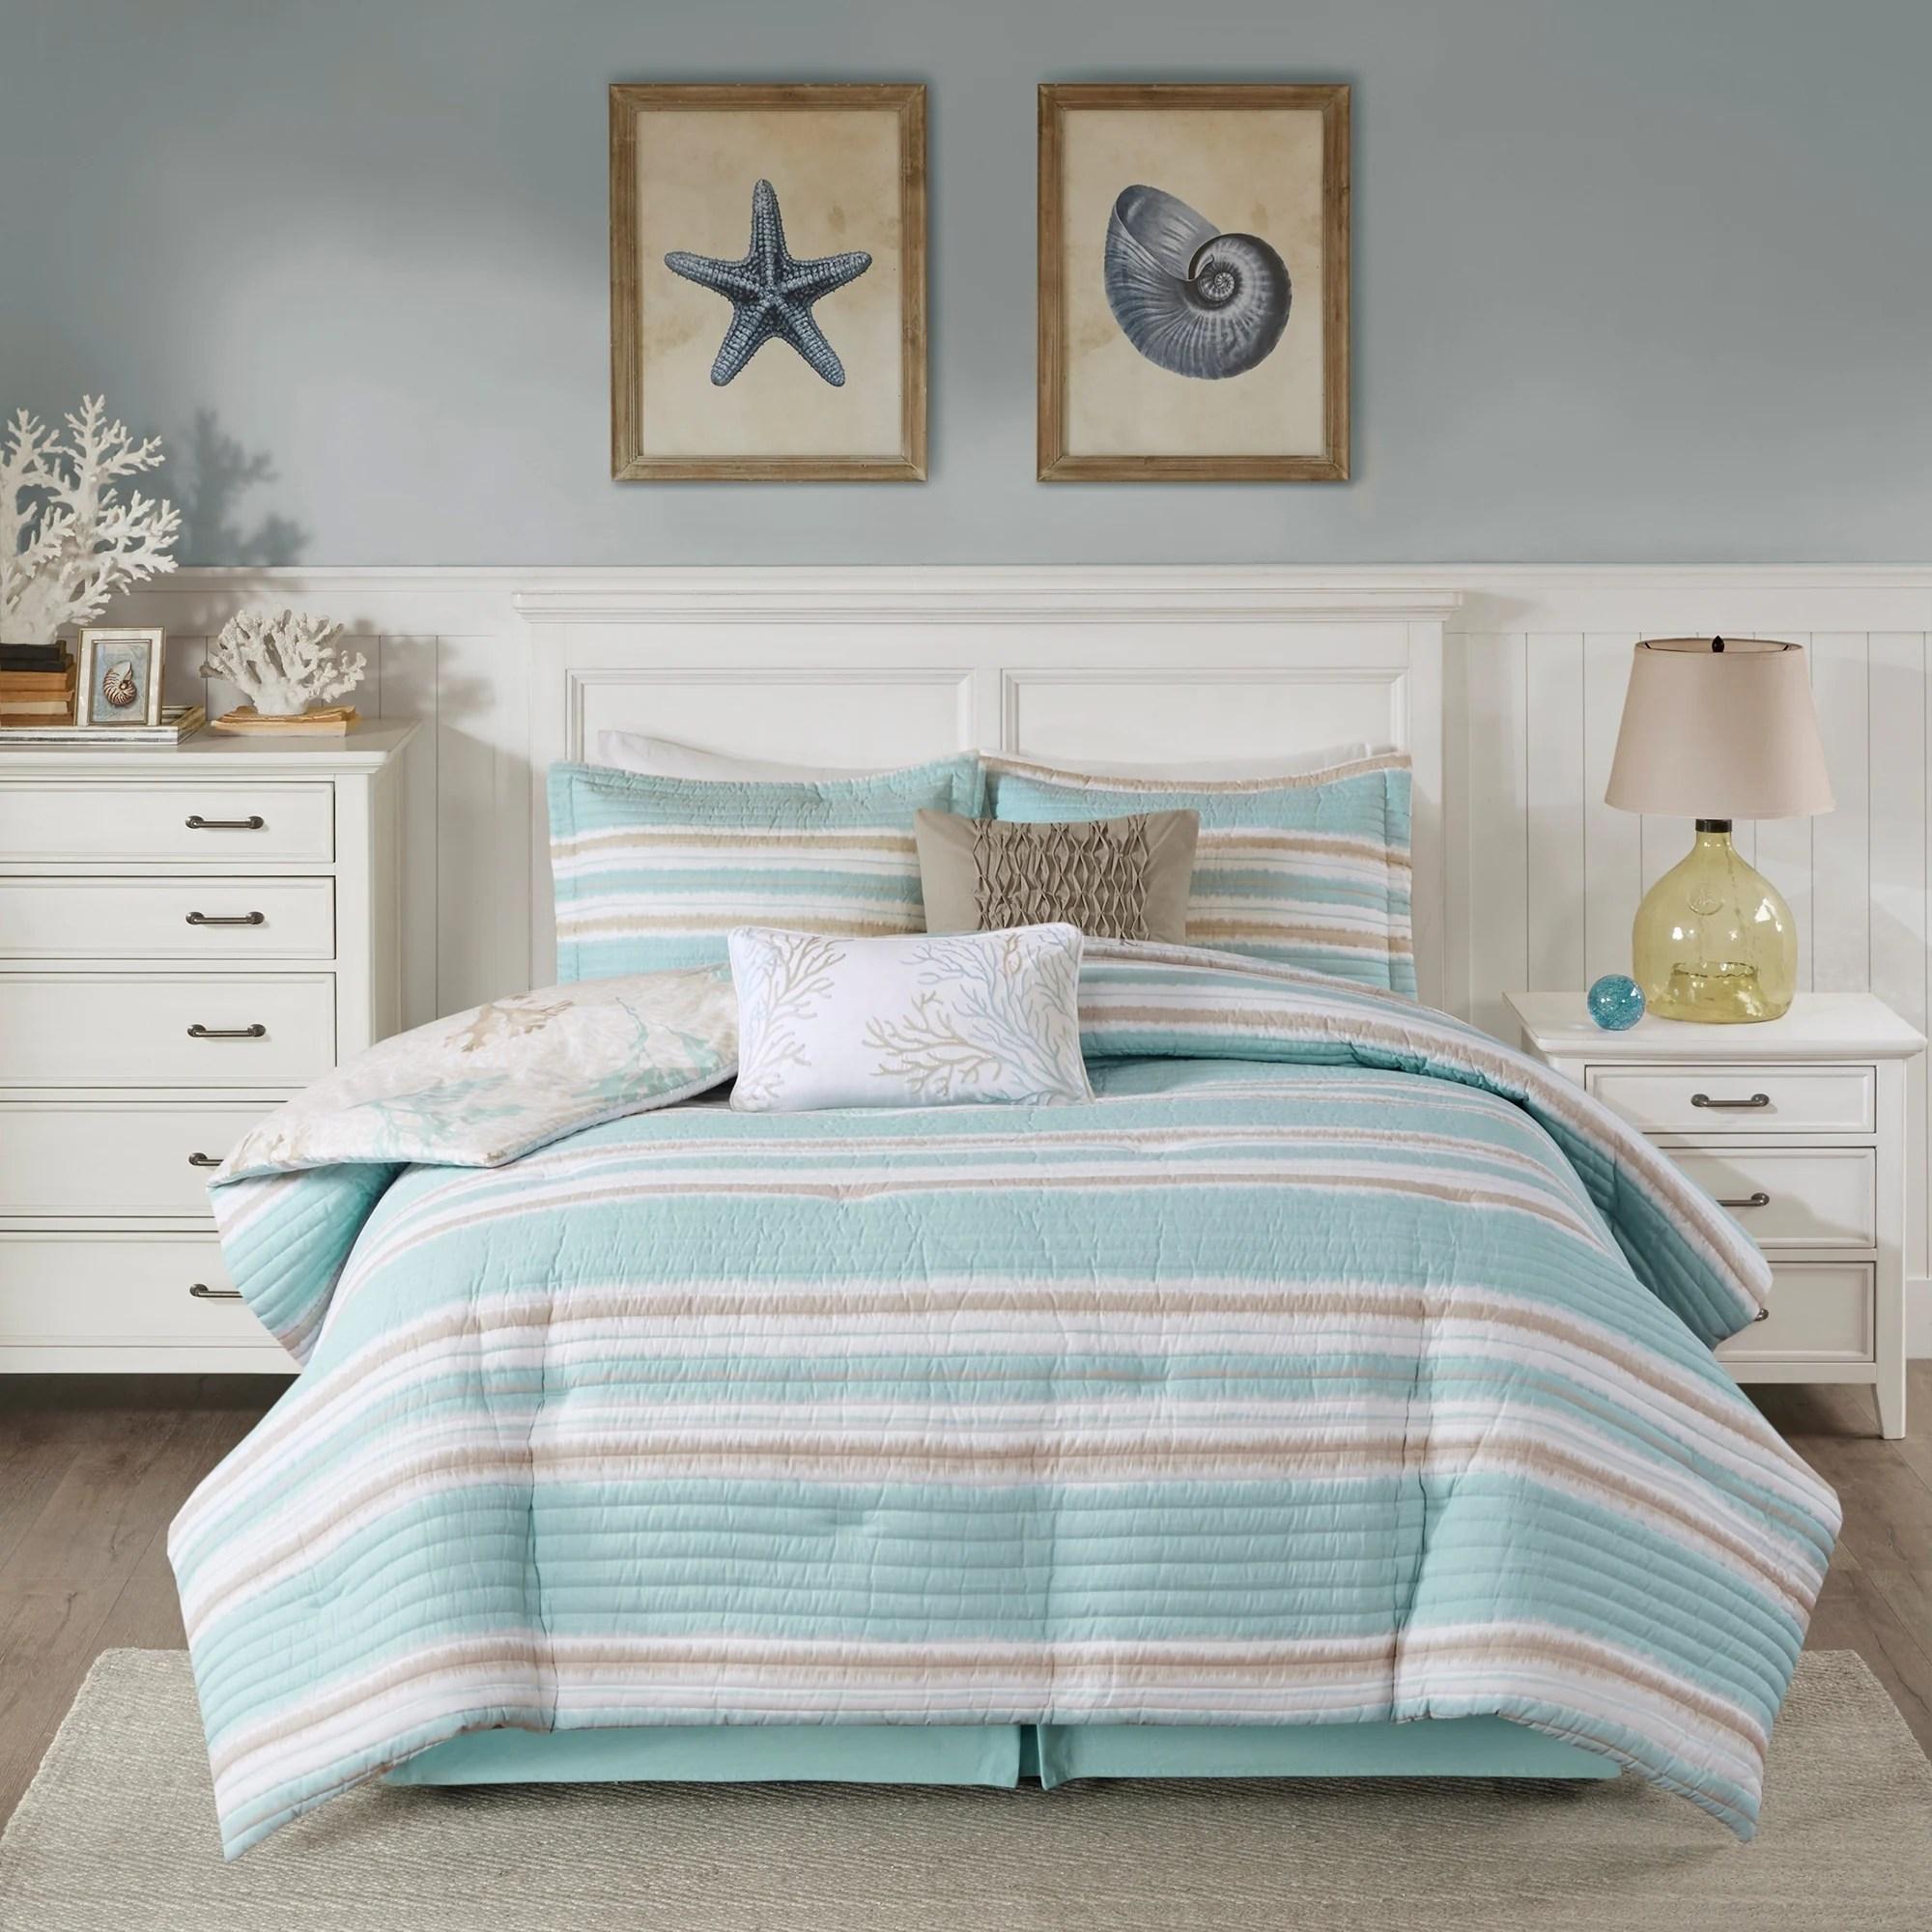 harbor house ocean reef seafoam green 6 piece quilted reversible comforter set